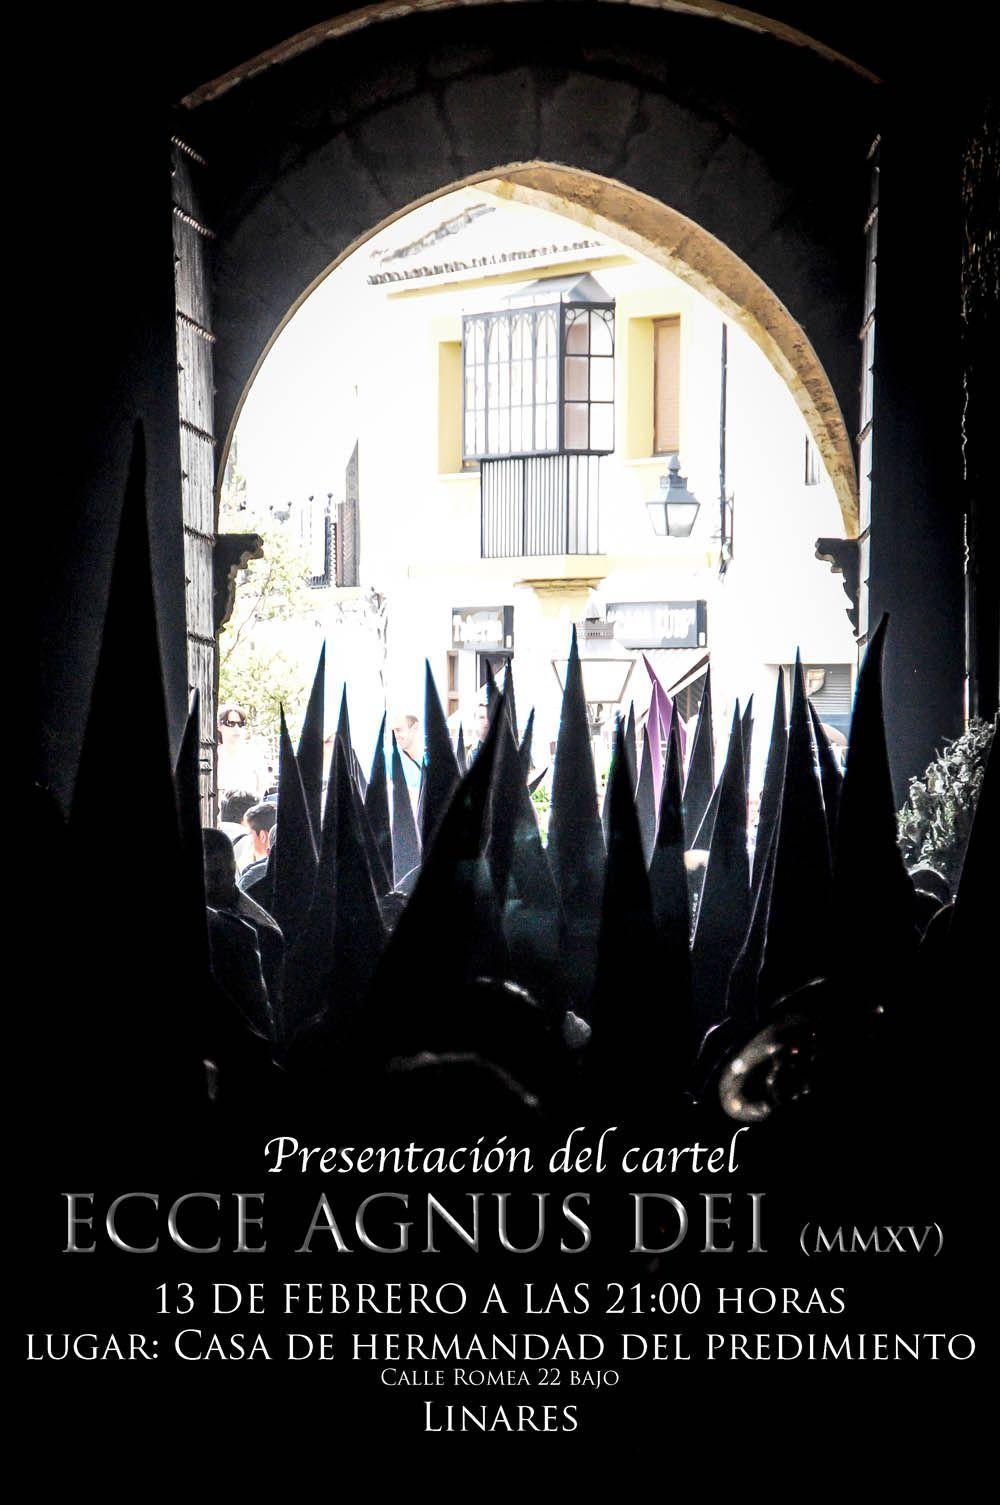 Hoy se presenta el cartel ECCE AGNUS DEI